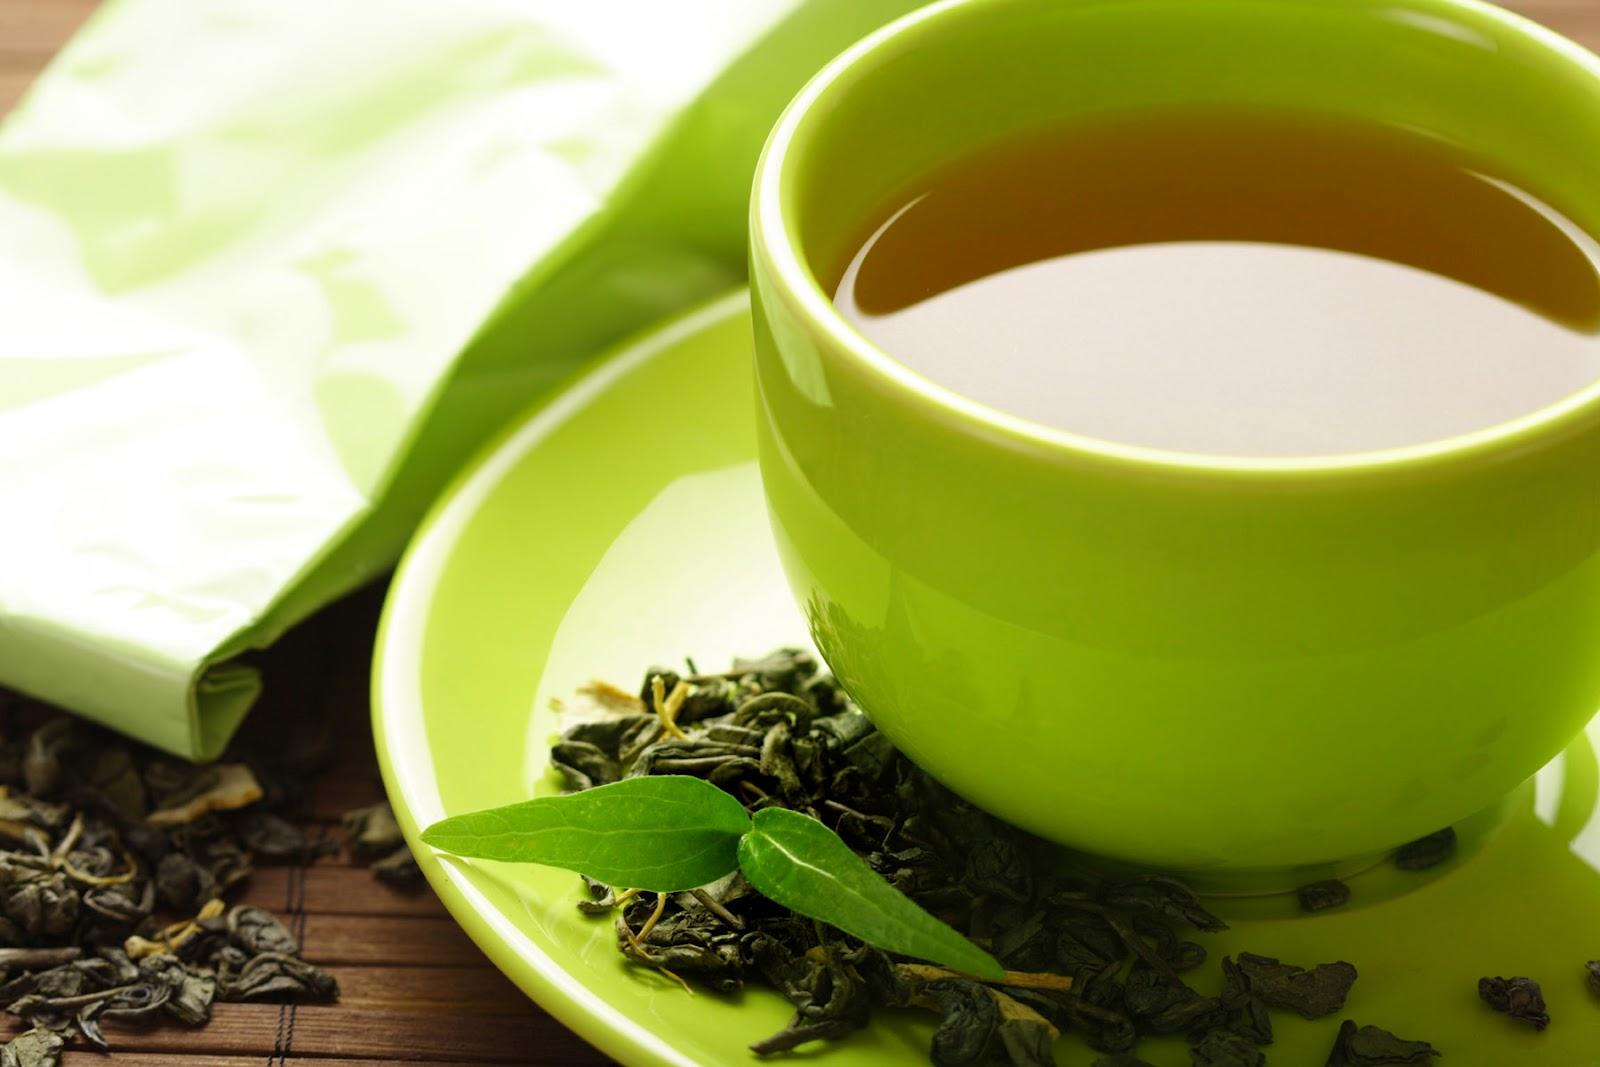 технологии зеленый чай фото чашки макияж уже